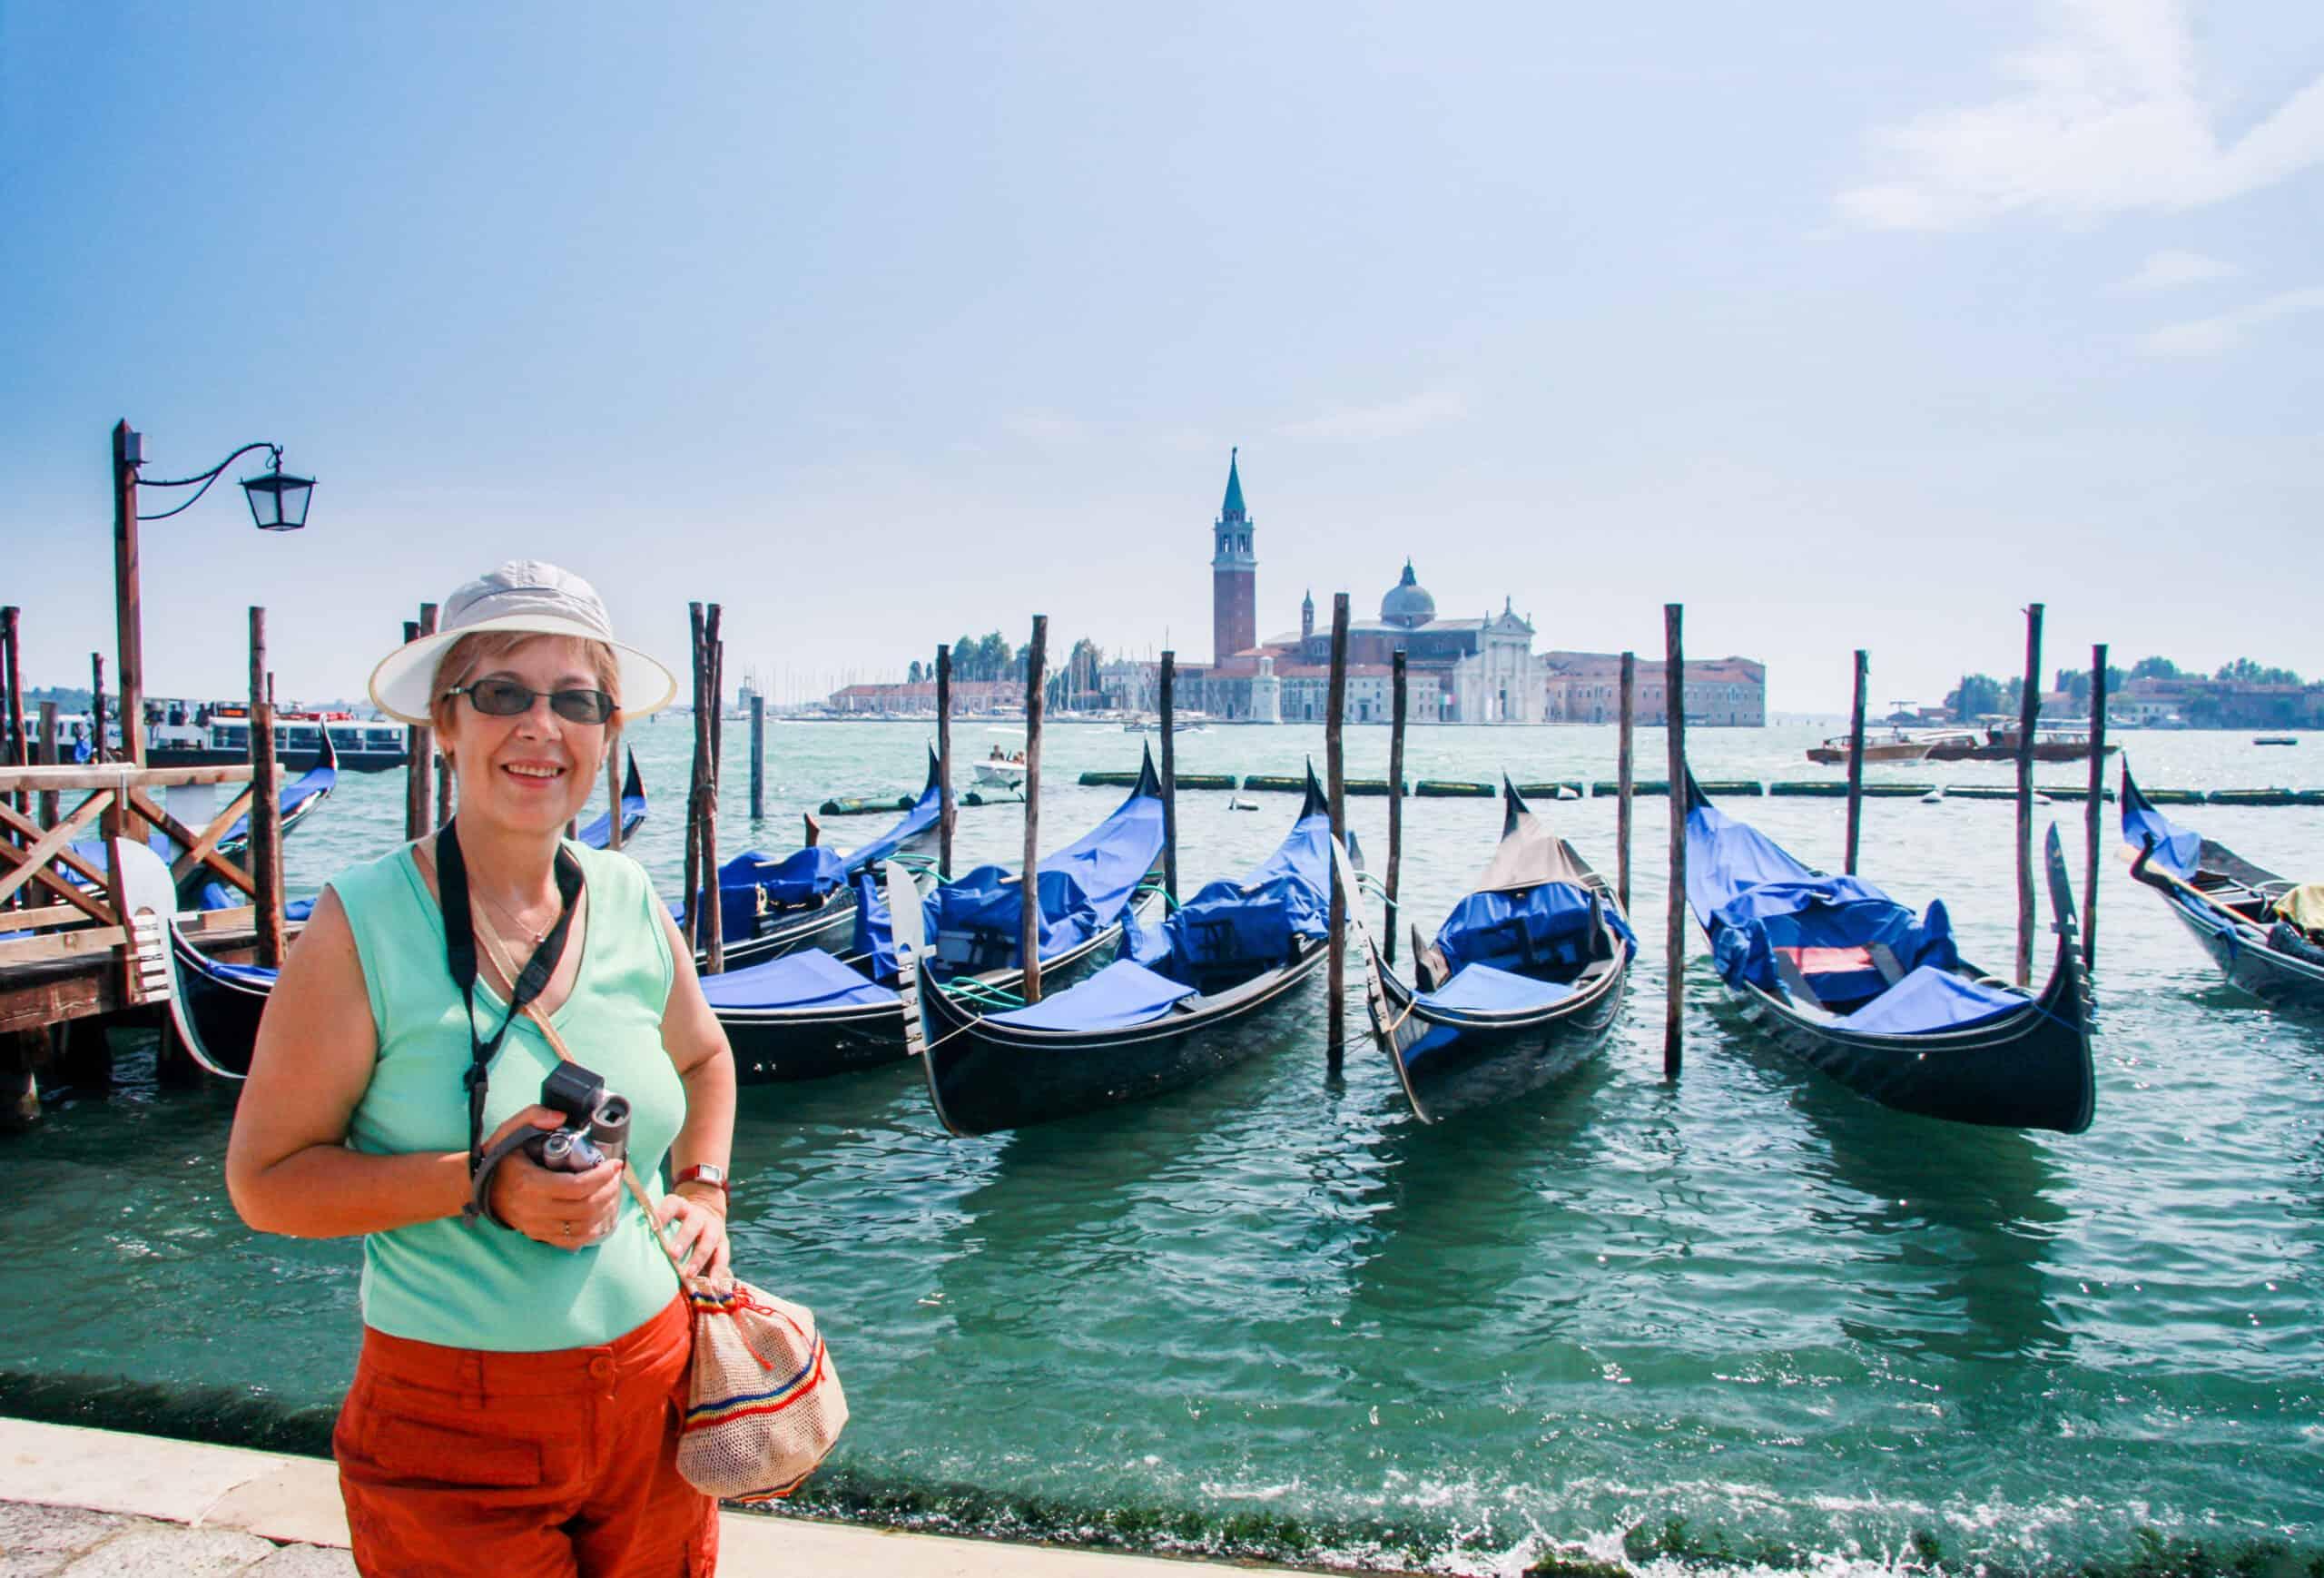 turystka w starszym wieku przy gondolach w Wenecji